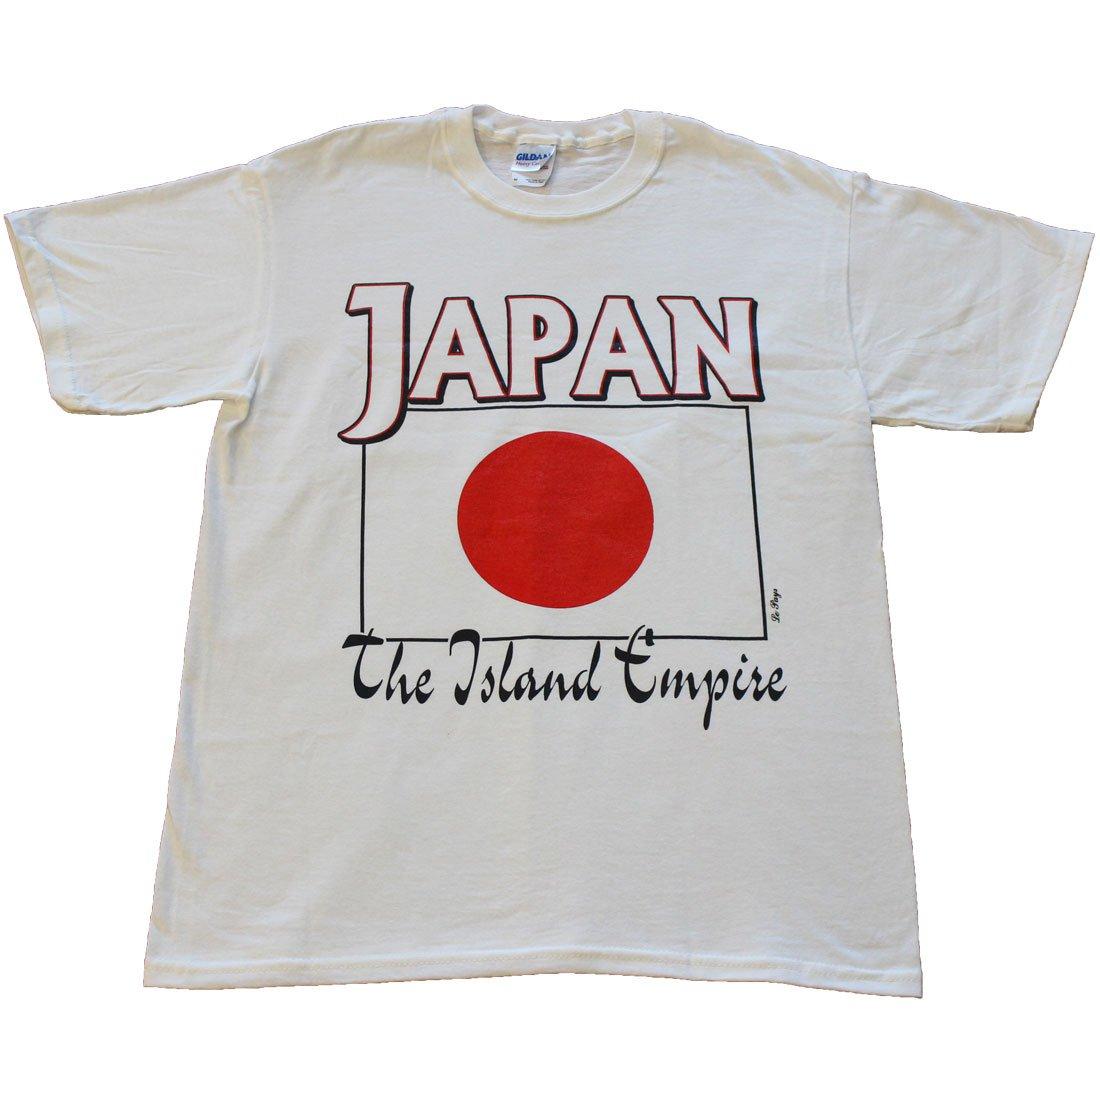 Japan International T-Shirt (XL)